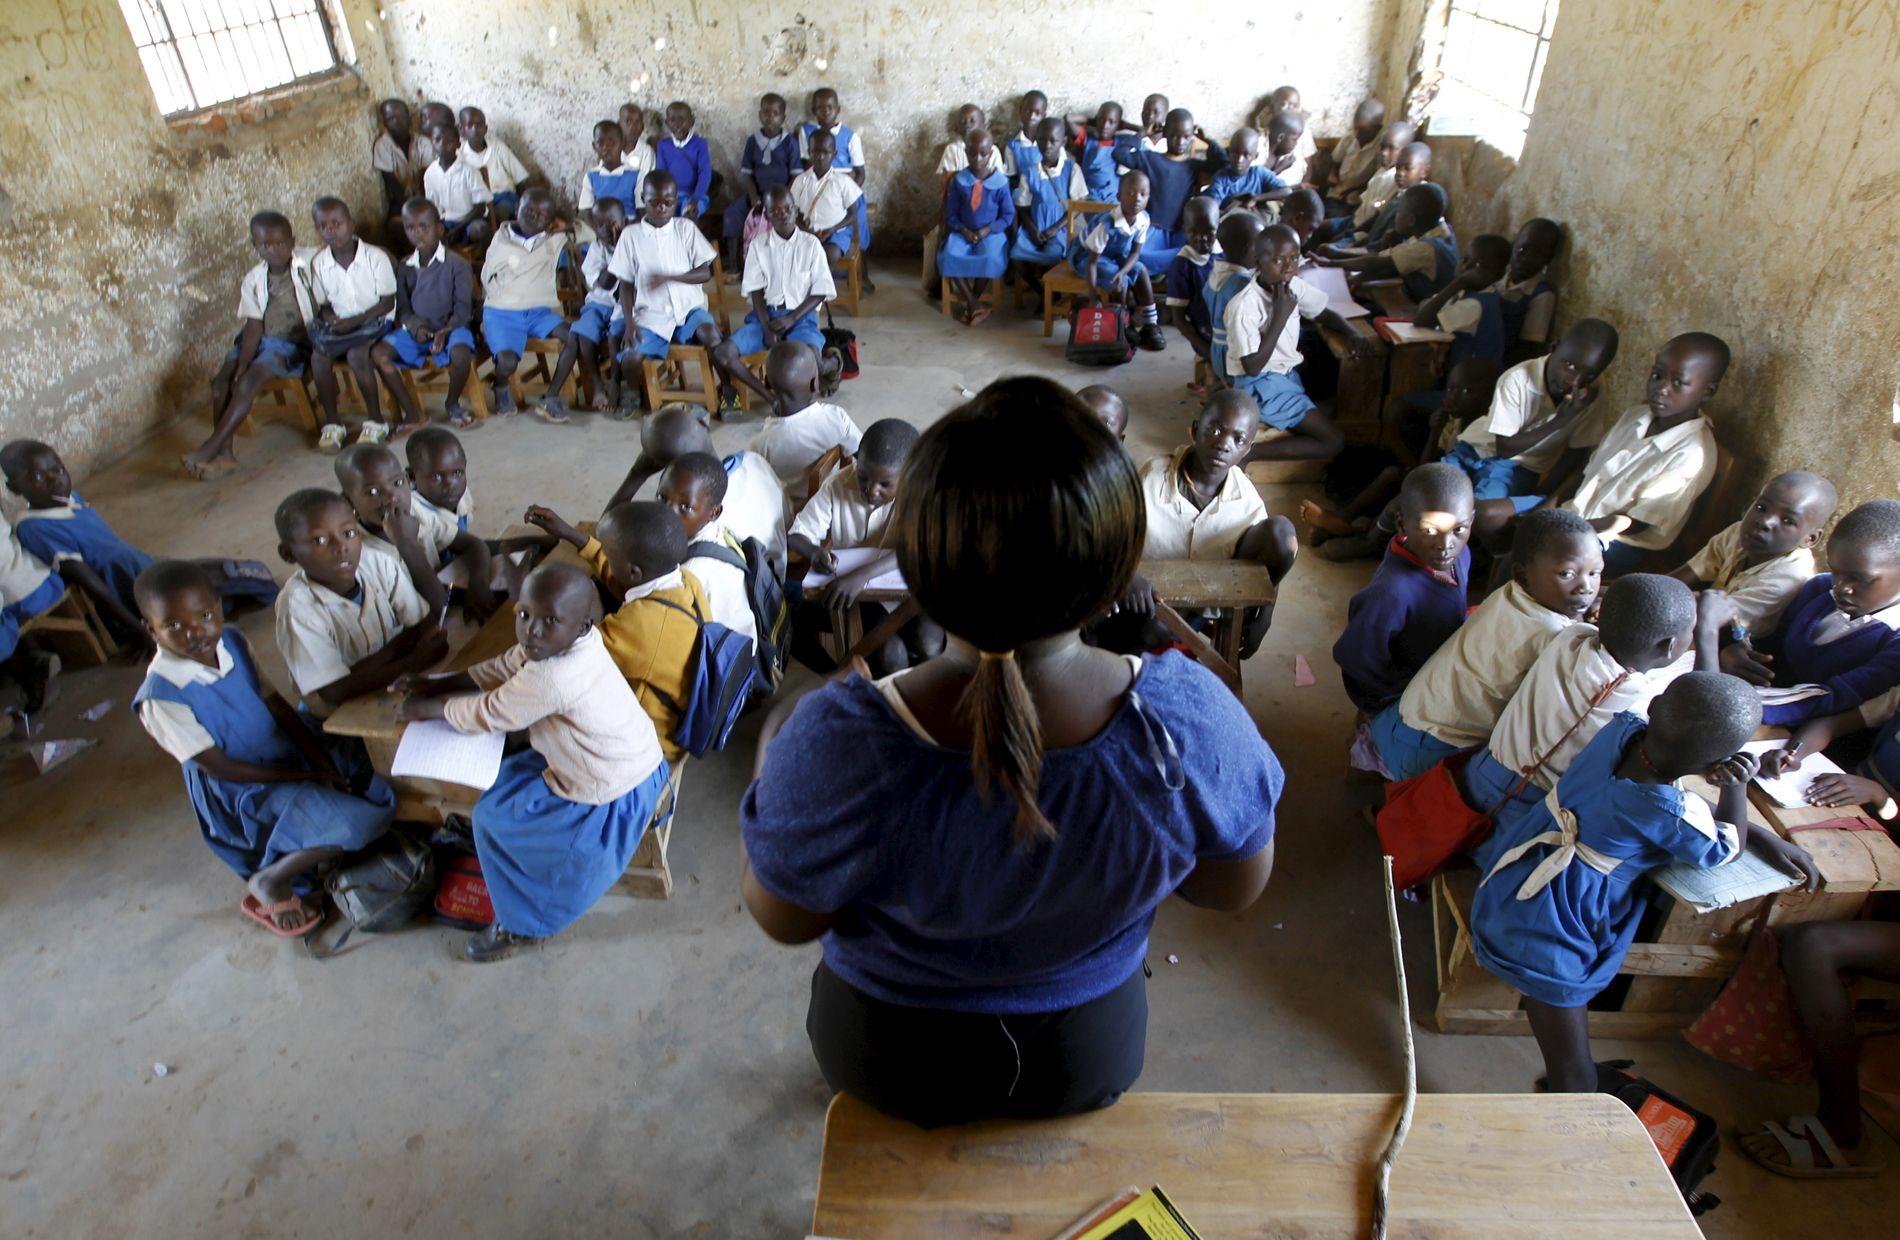 KLASSEROM: I mange fattige land får ikke alle barn utdanning, og blant de som får det er nivået på utdanningen i mange tilfeller lav. Her fra en skole på landsbygden i Kenya.